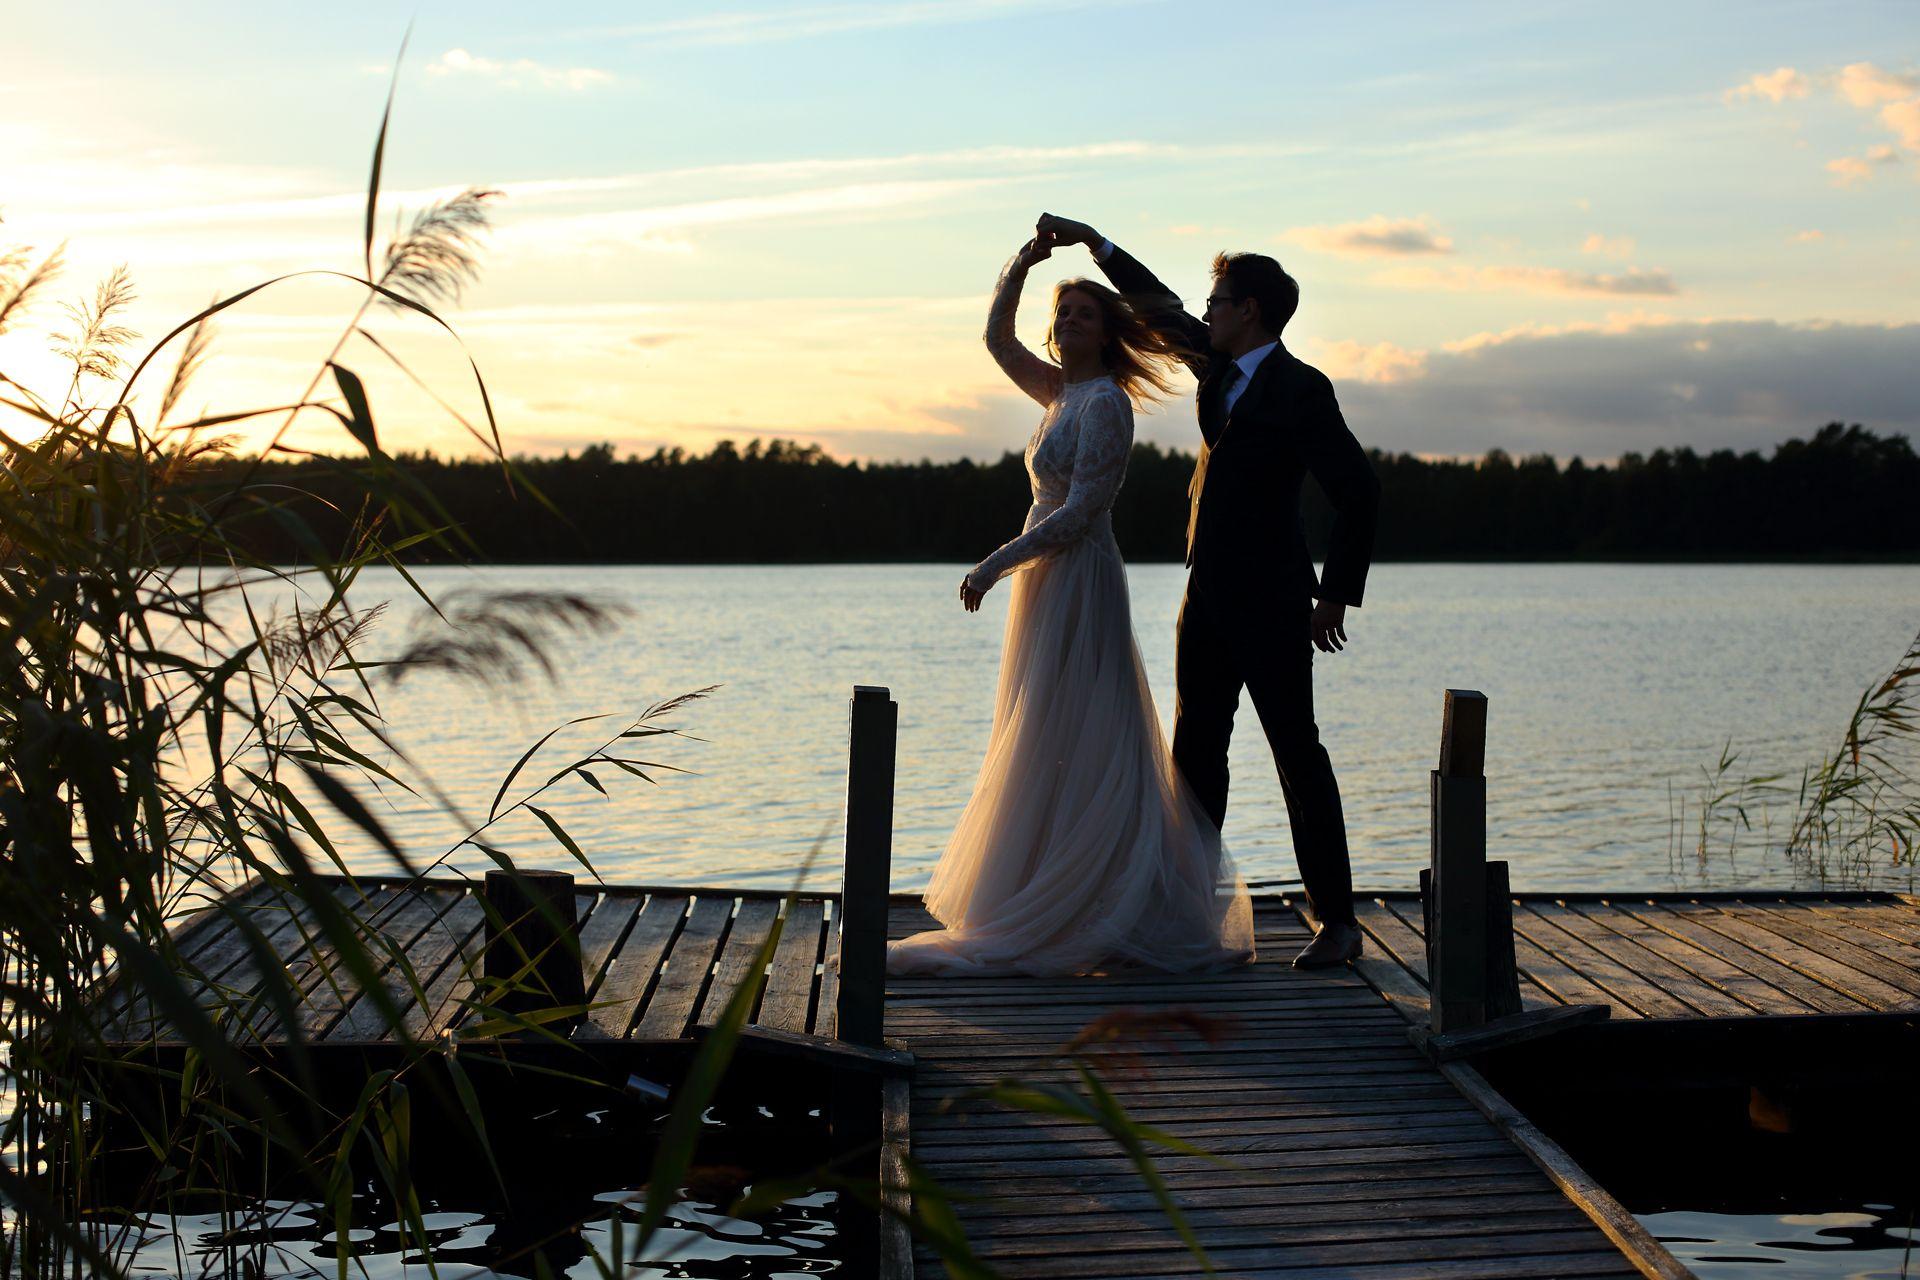 Zdjęcia ślubne - najczęściej zadawane pytania